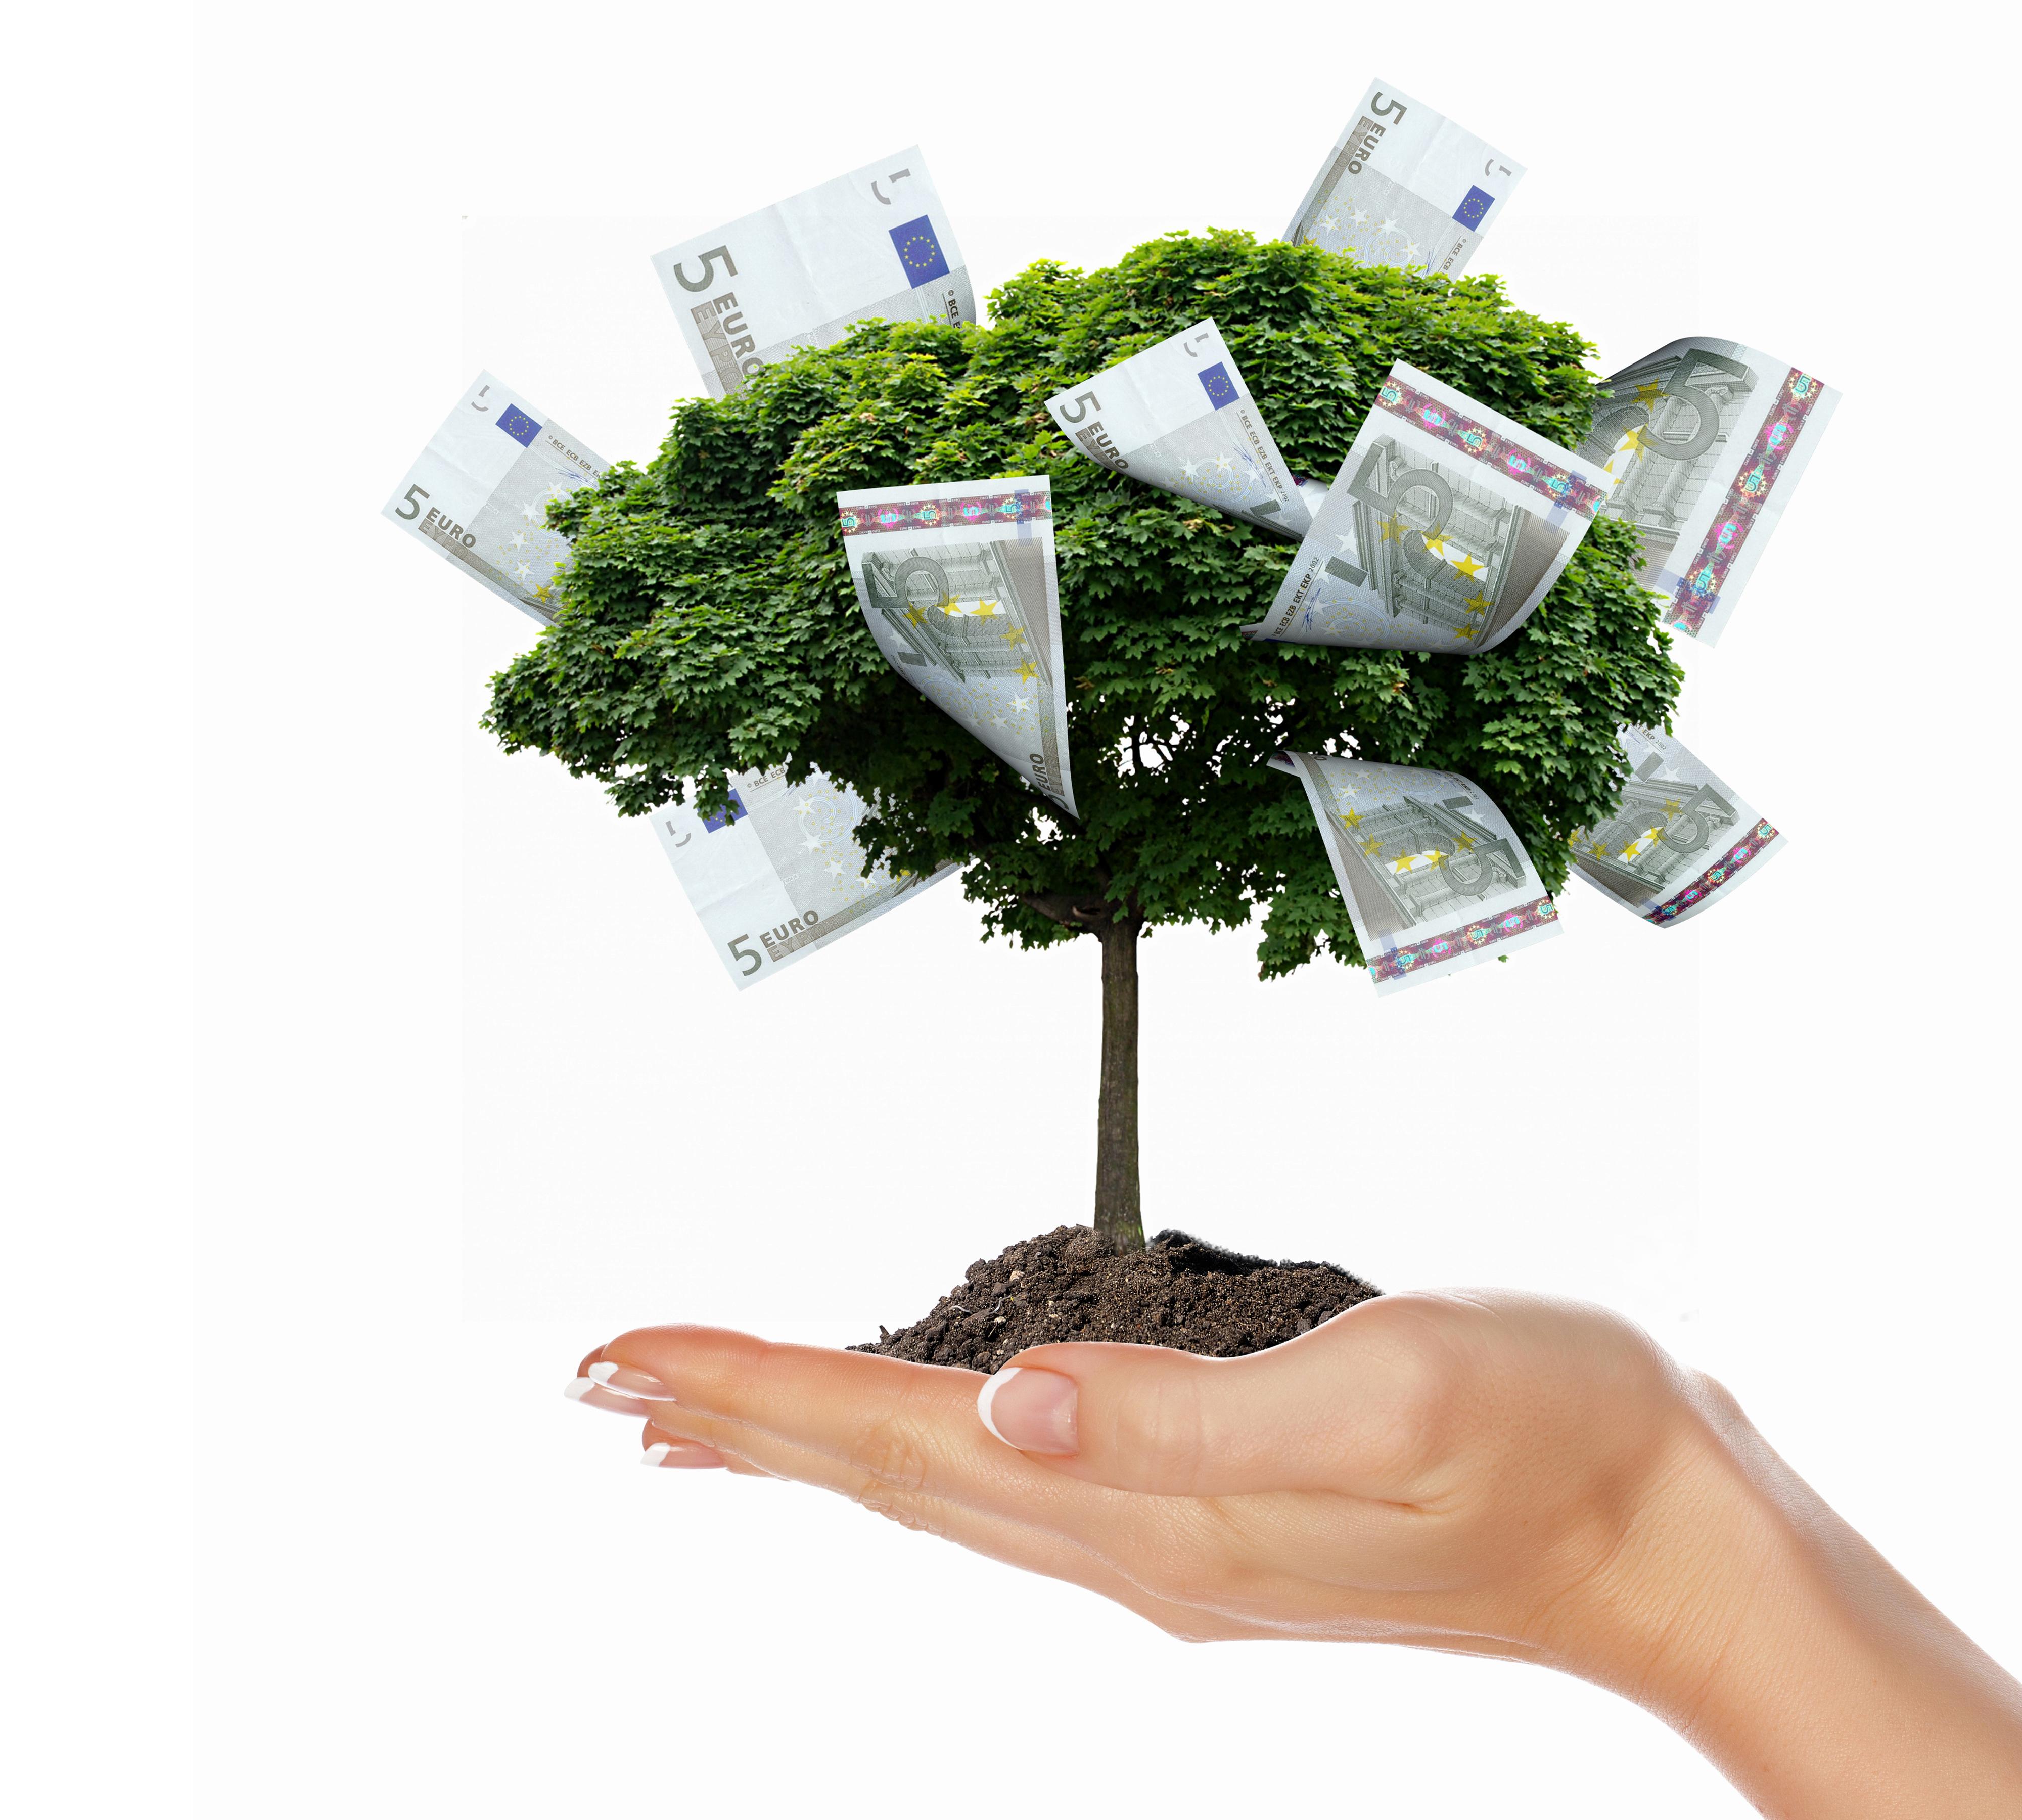 Bilder Euro Banknoten Kreativ Hand Geld Bäume Weißer hintergrund 4000x3600 Papiergeld Geldscheine